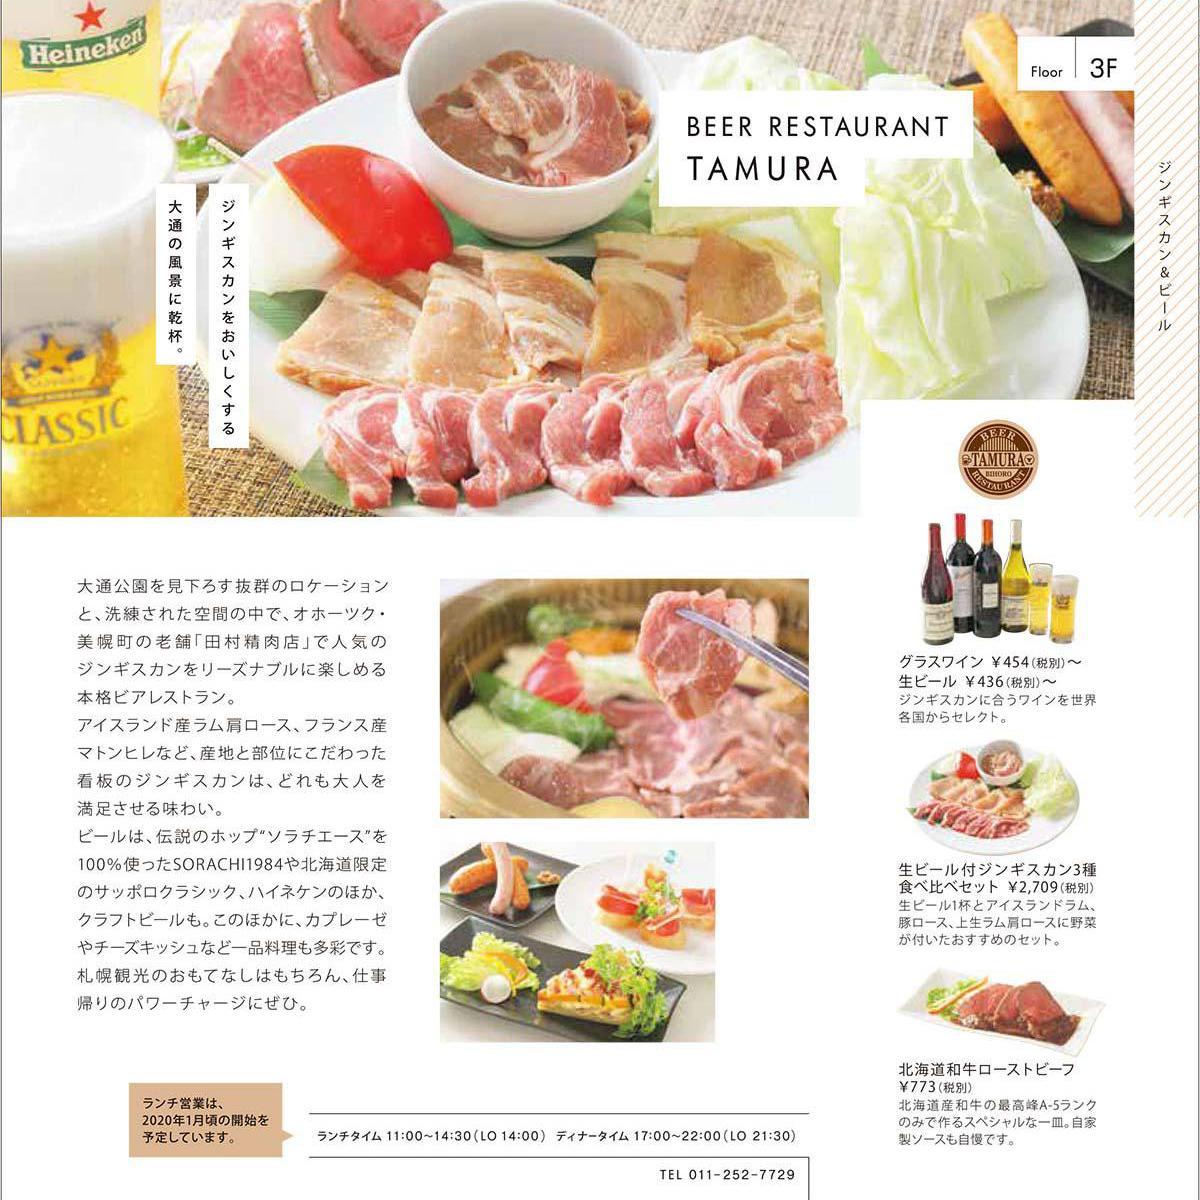 ビア レストラン タムラ オープン!